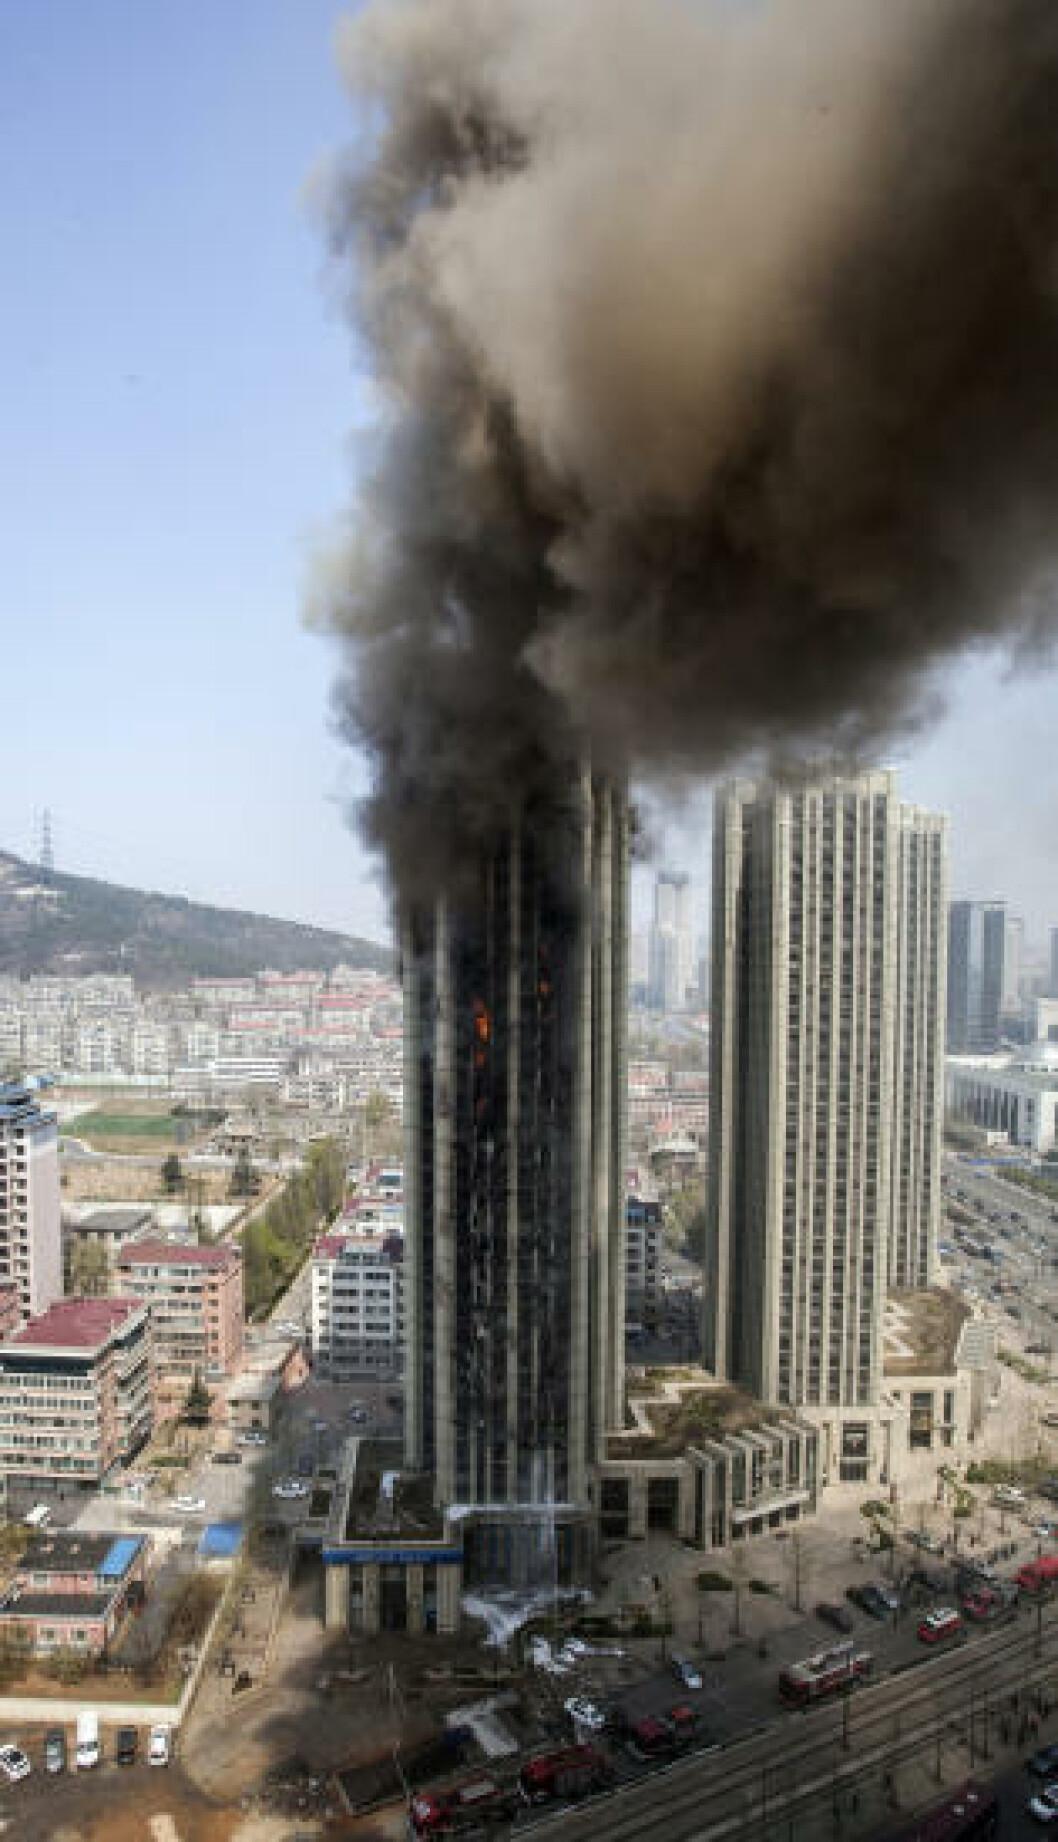 <strong>BRANN I HØYBLOKK:</strong> Røyken stiger fra en boligblokk i Dalian i Kina. Brannen ble slokket, og det er ikke meldt om skadde. Foto: China Daily/ Reuters/ NTB Scanpix.